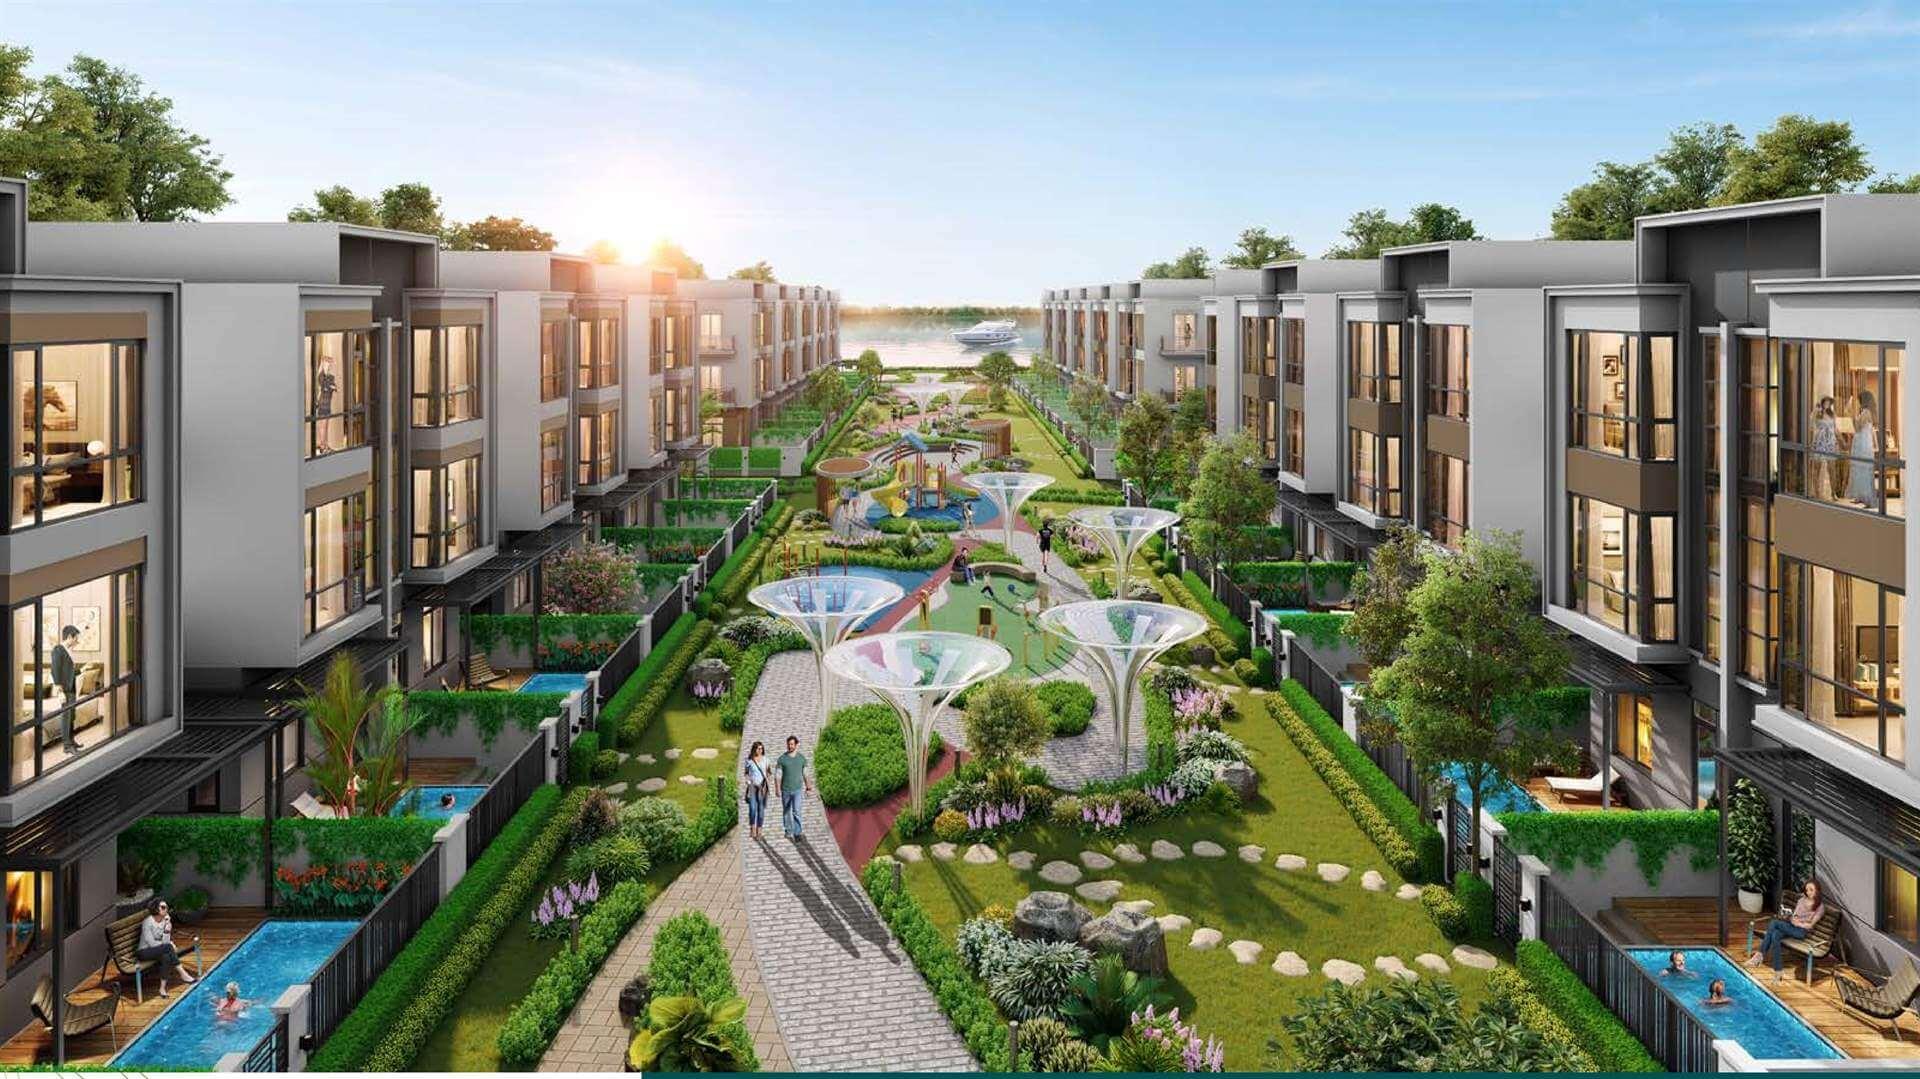 tien-ich-cong-vien-noi-khu-6300m2-phoenixsouth-Aqua-City-Dao-Phuong-Hoang